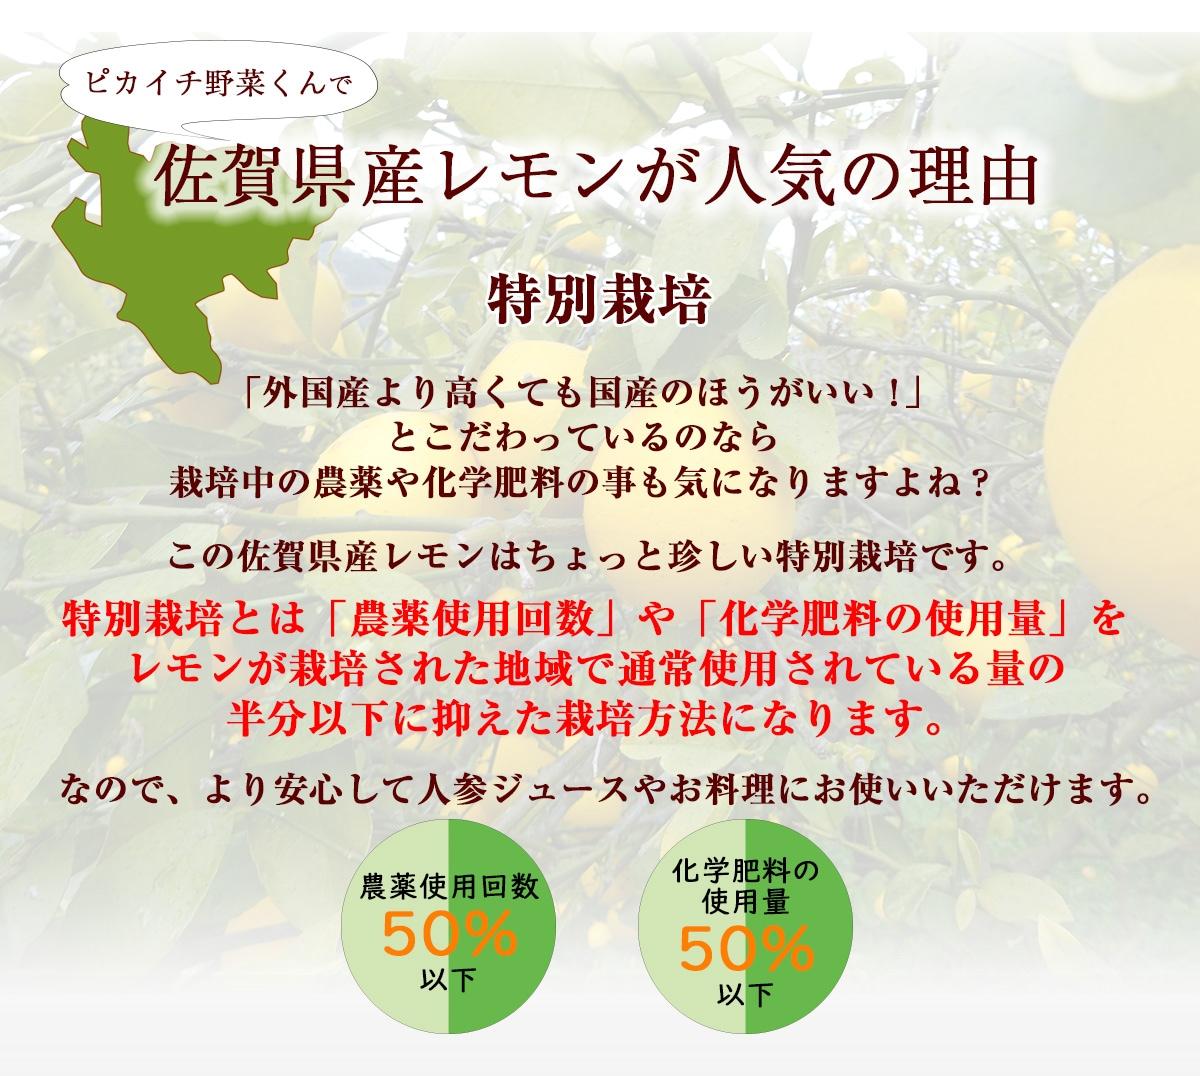 佐賀県産レモンが人気の理由